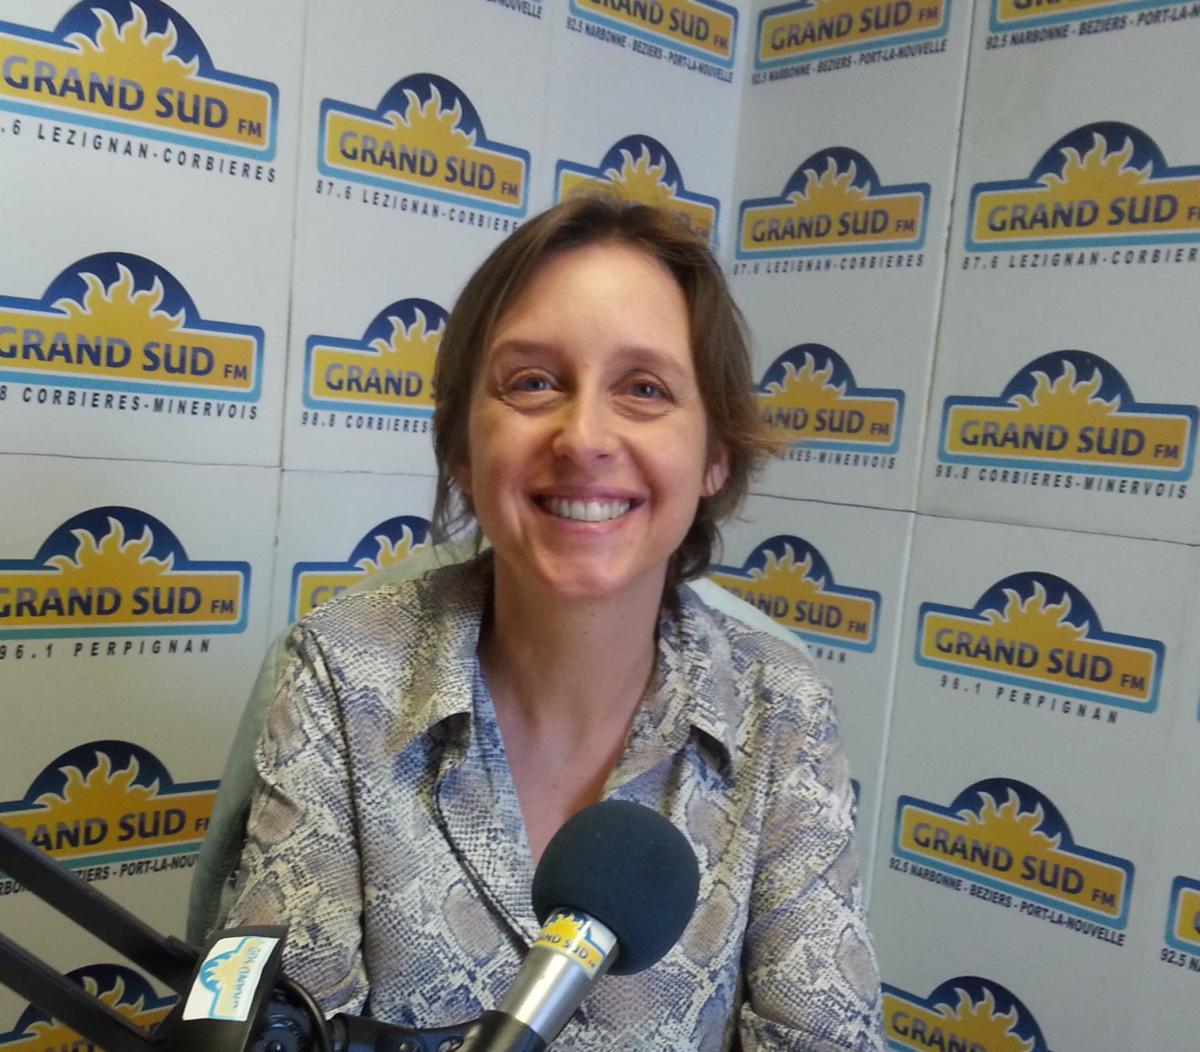 26-06-20 : Viviane THIVENT, candidate aux élections municipales de Narbonne